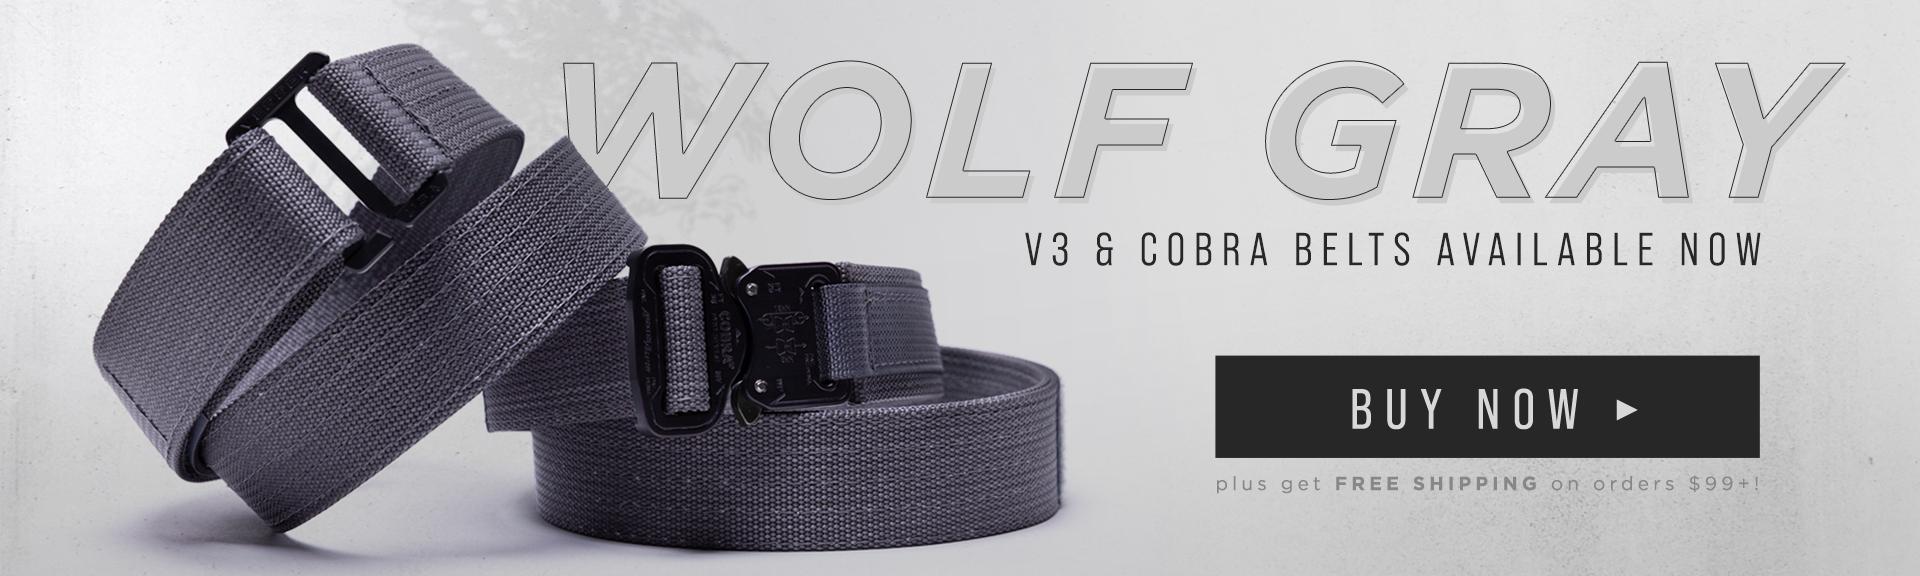 Gray Gun Belts